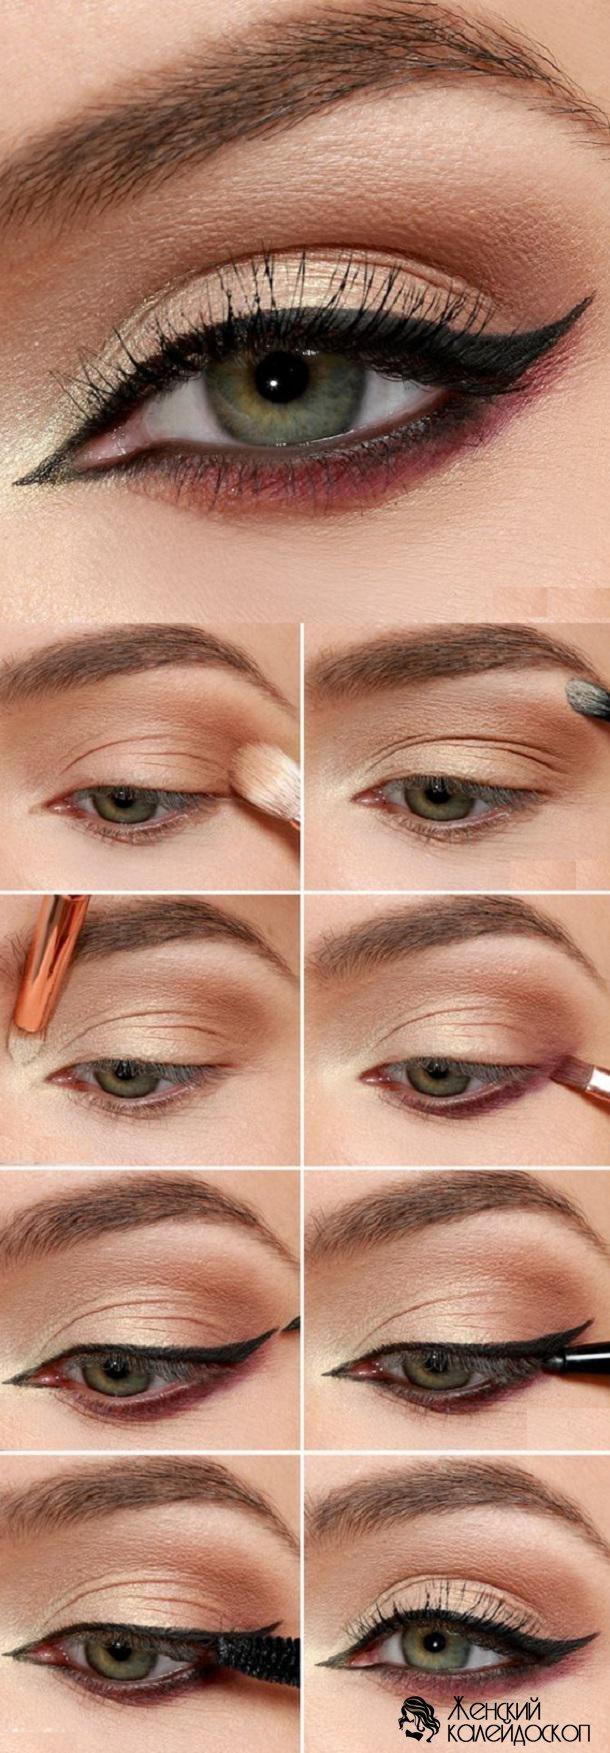 Макияж для каре-зеленых глаз пошаговое фото в домашних условиях